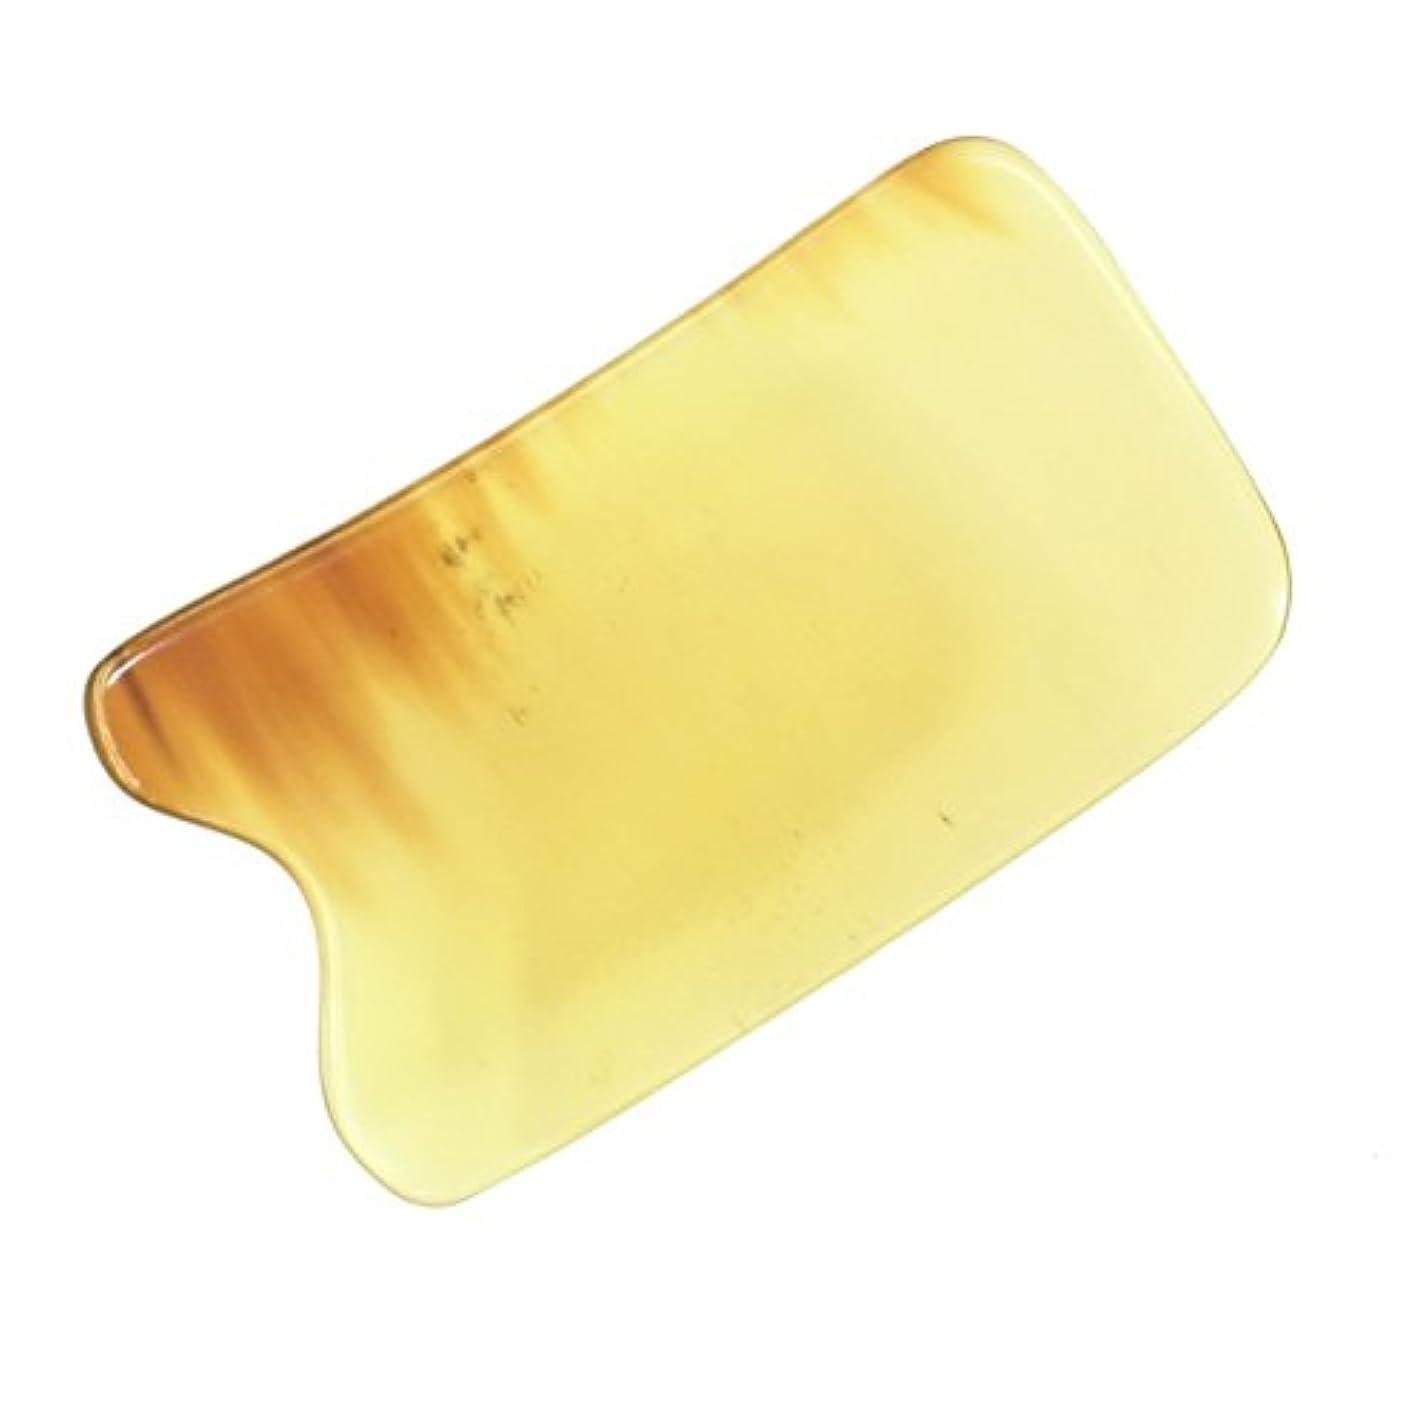 スティック追い越す興奮するかっさ プレート 厚さが選べる 水牛の角(黄水牛角) EHE219 四角凹 一般品 少し薄め (4ミリ程度)